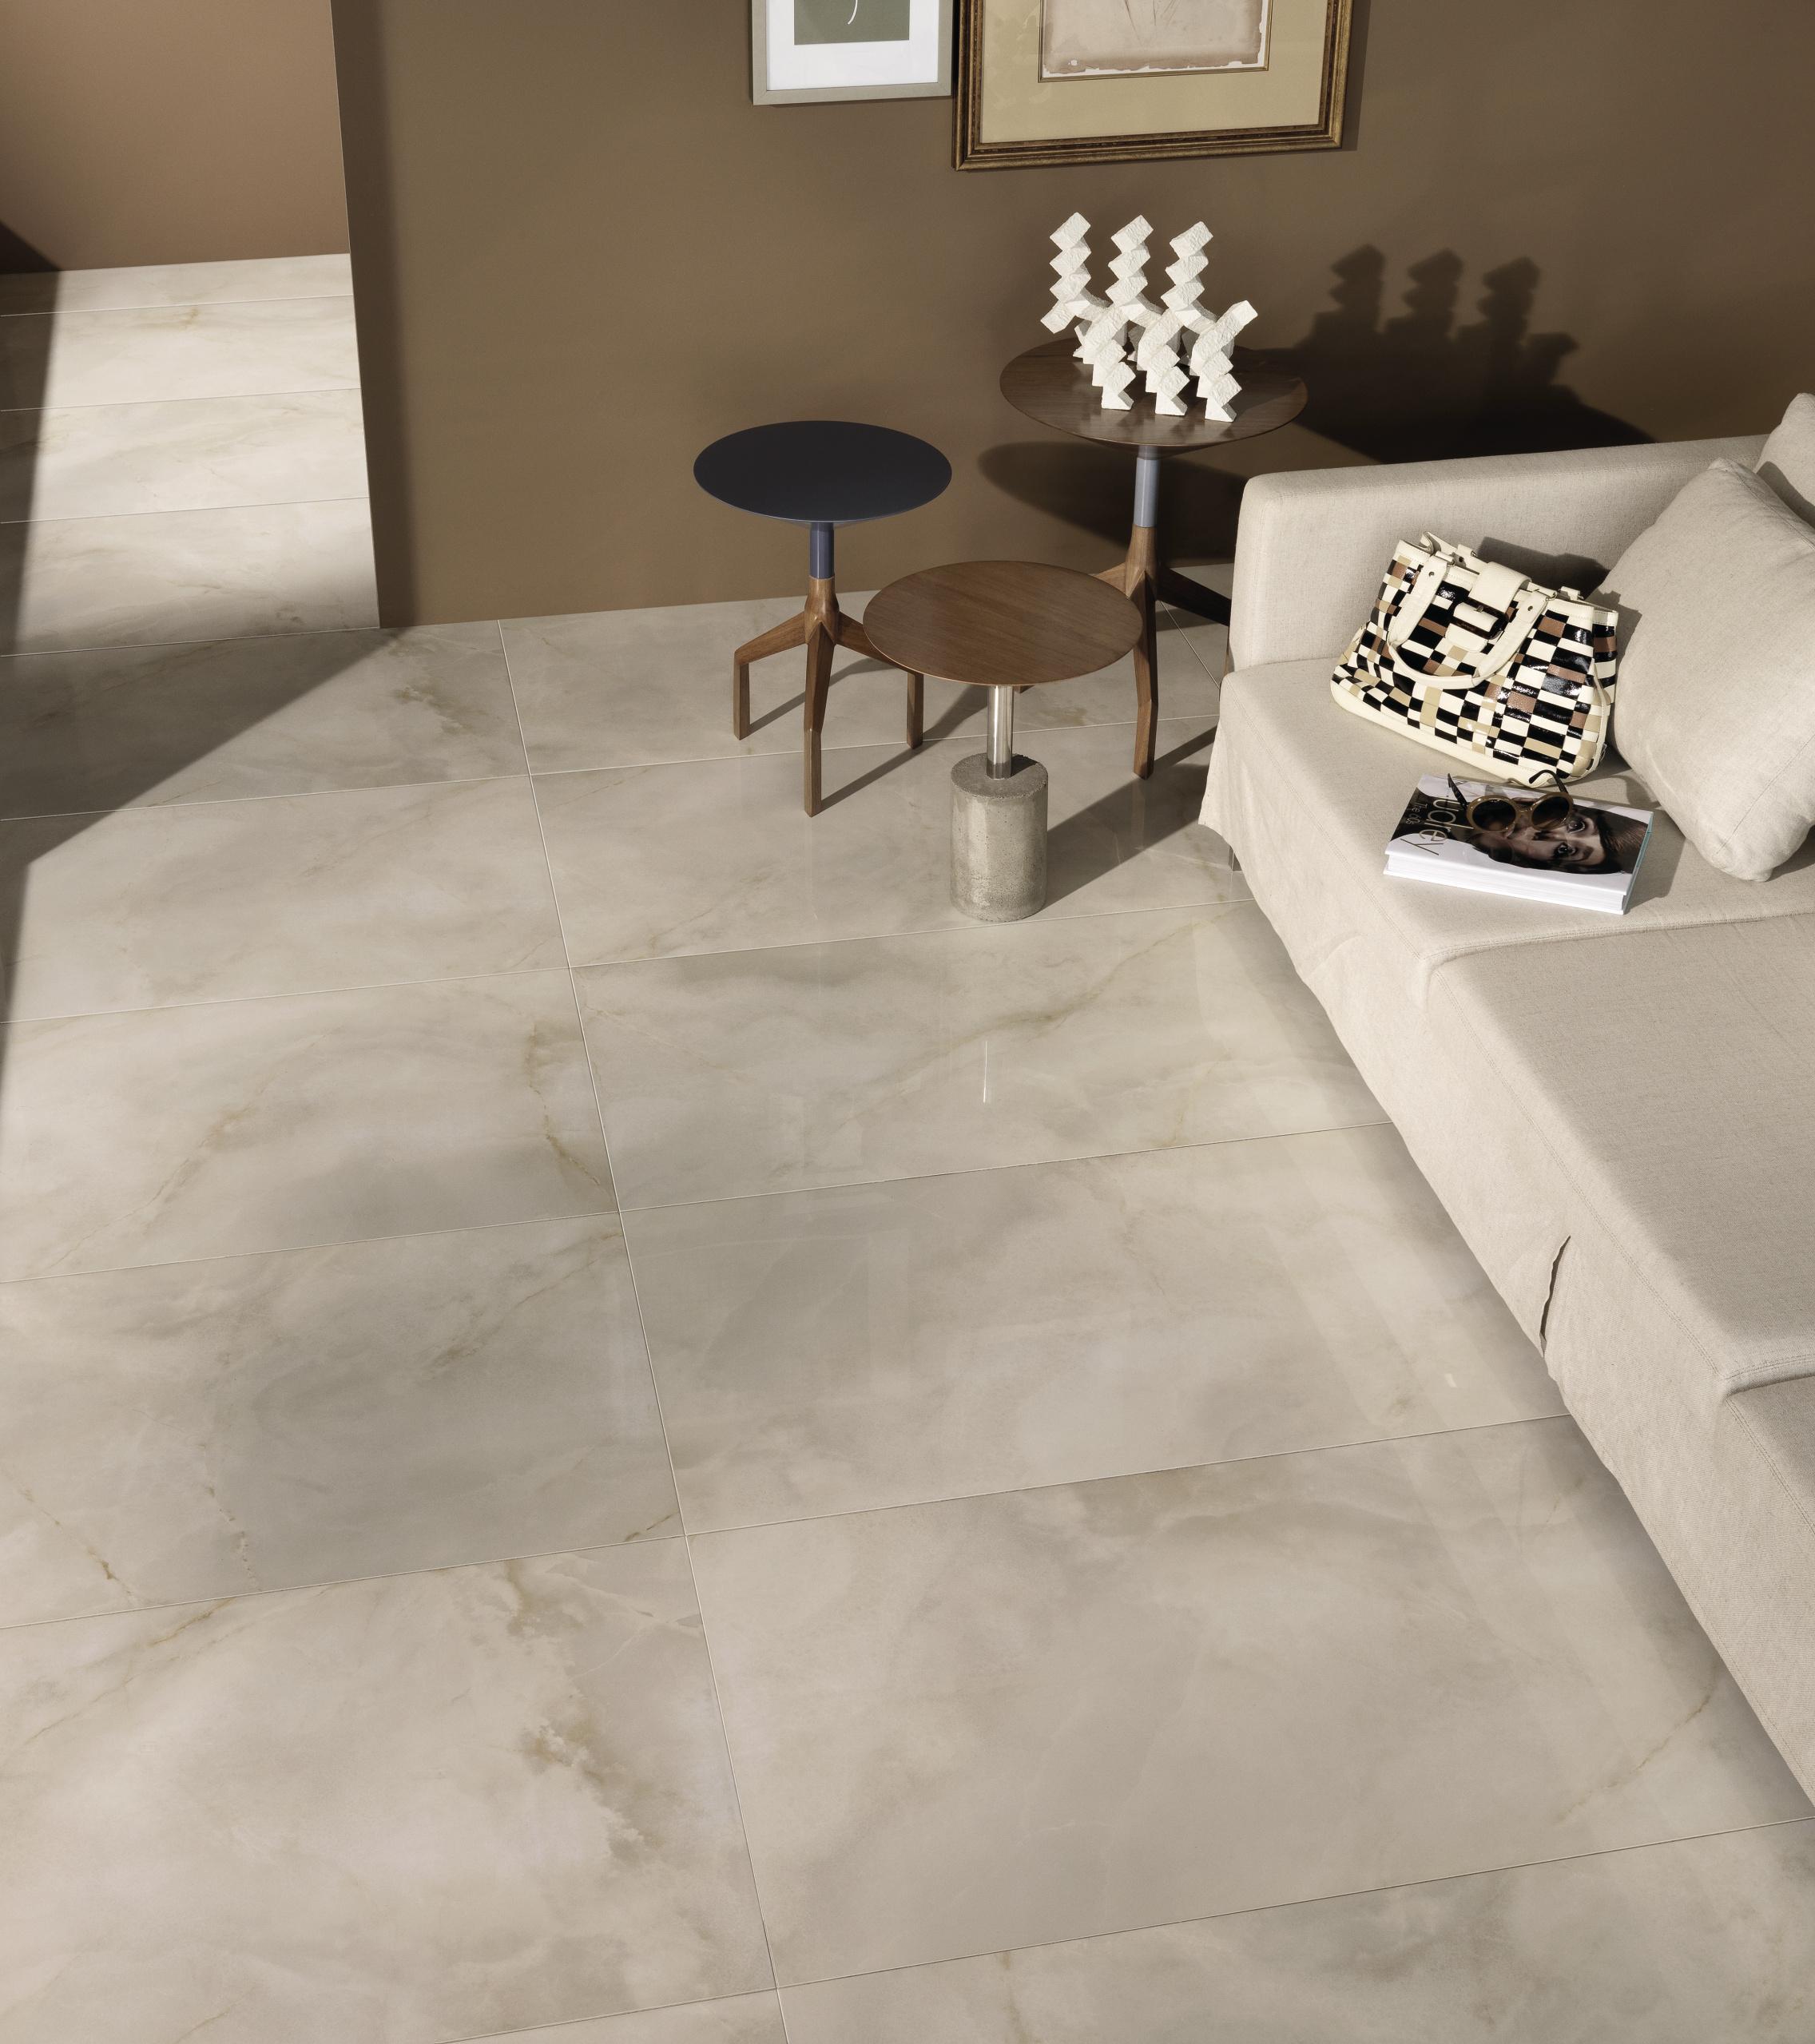 Tipos de Porcelanato: 60  Modelos Fotos & Ideias #392E23 2272x2559 Banheiro Com Porcelanato Concreto